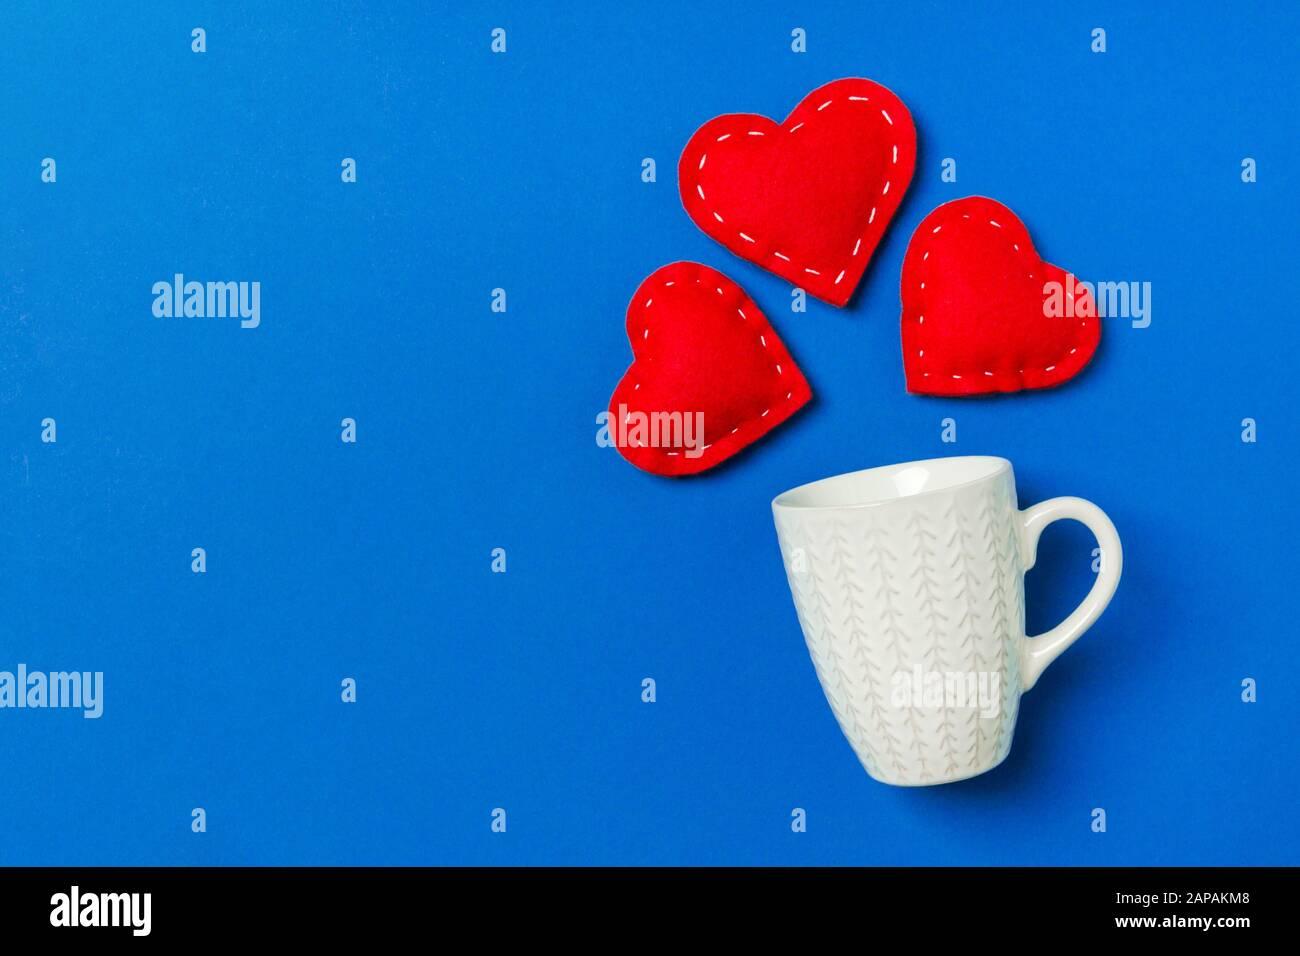 Vista dall'alto composizione di cuori rossi che cadono da una tazza su sfondo colorato con spazio di copia. Concetto di relazione romantica. San Valentino. Foto Stock